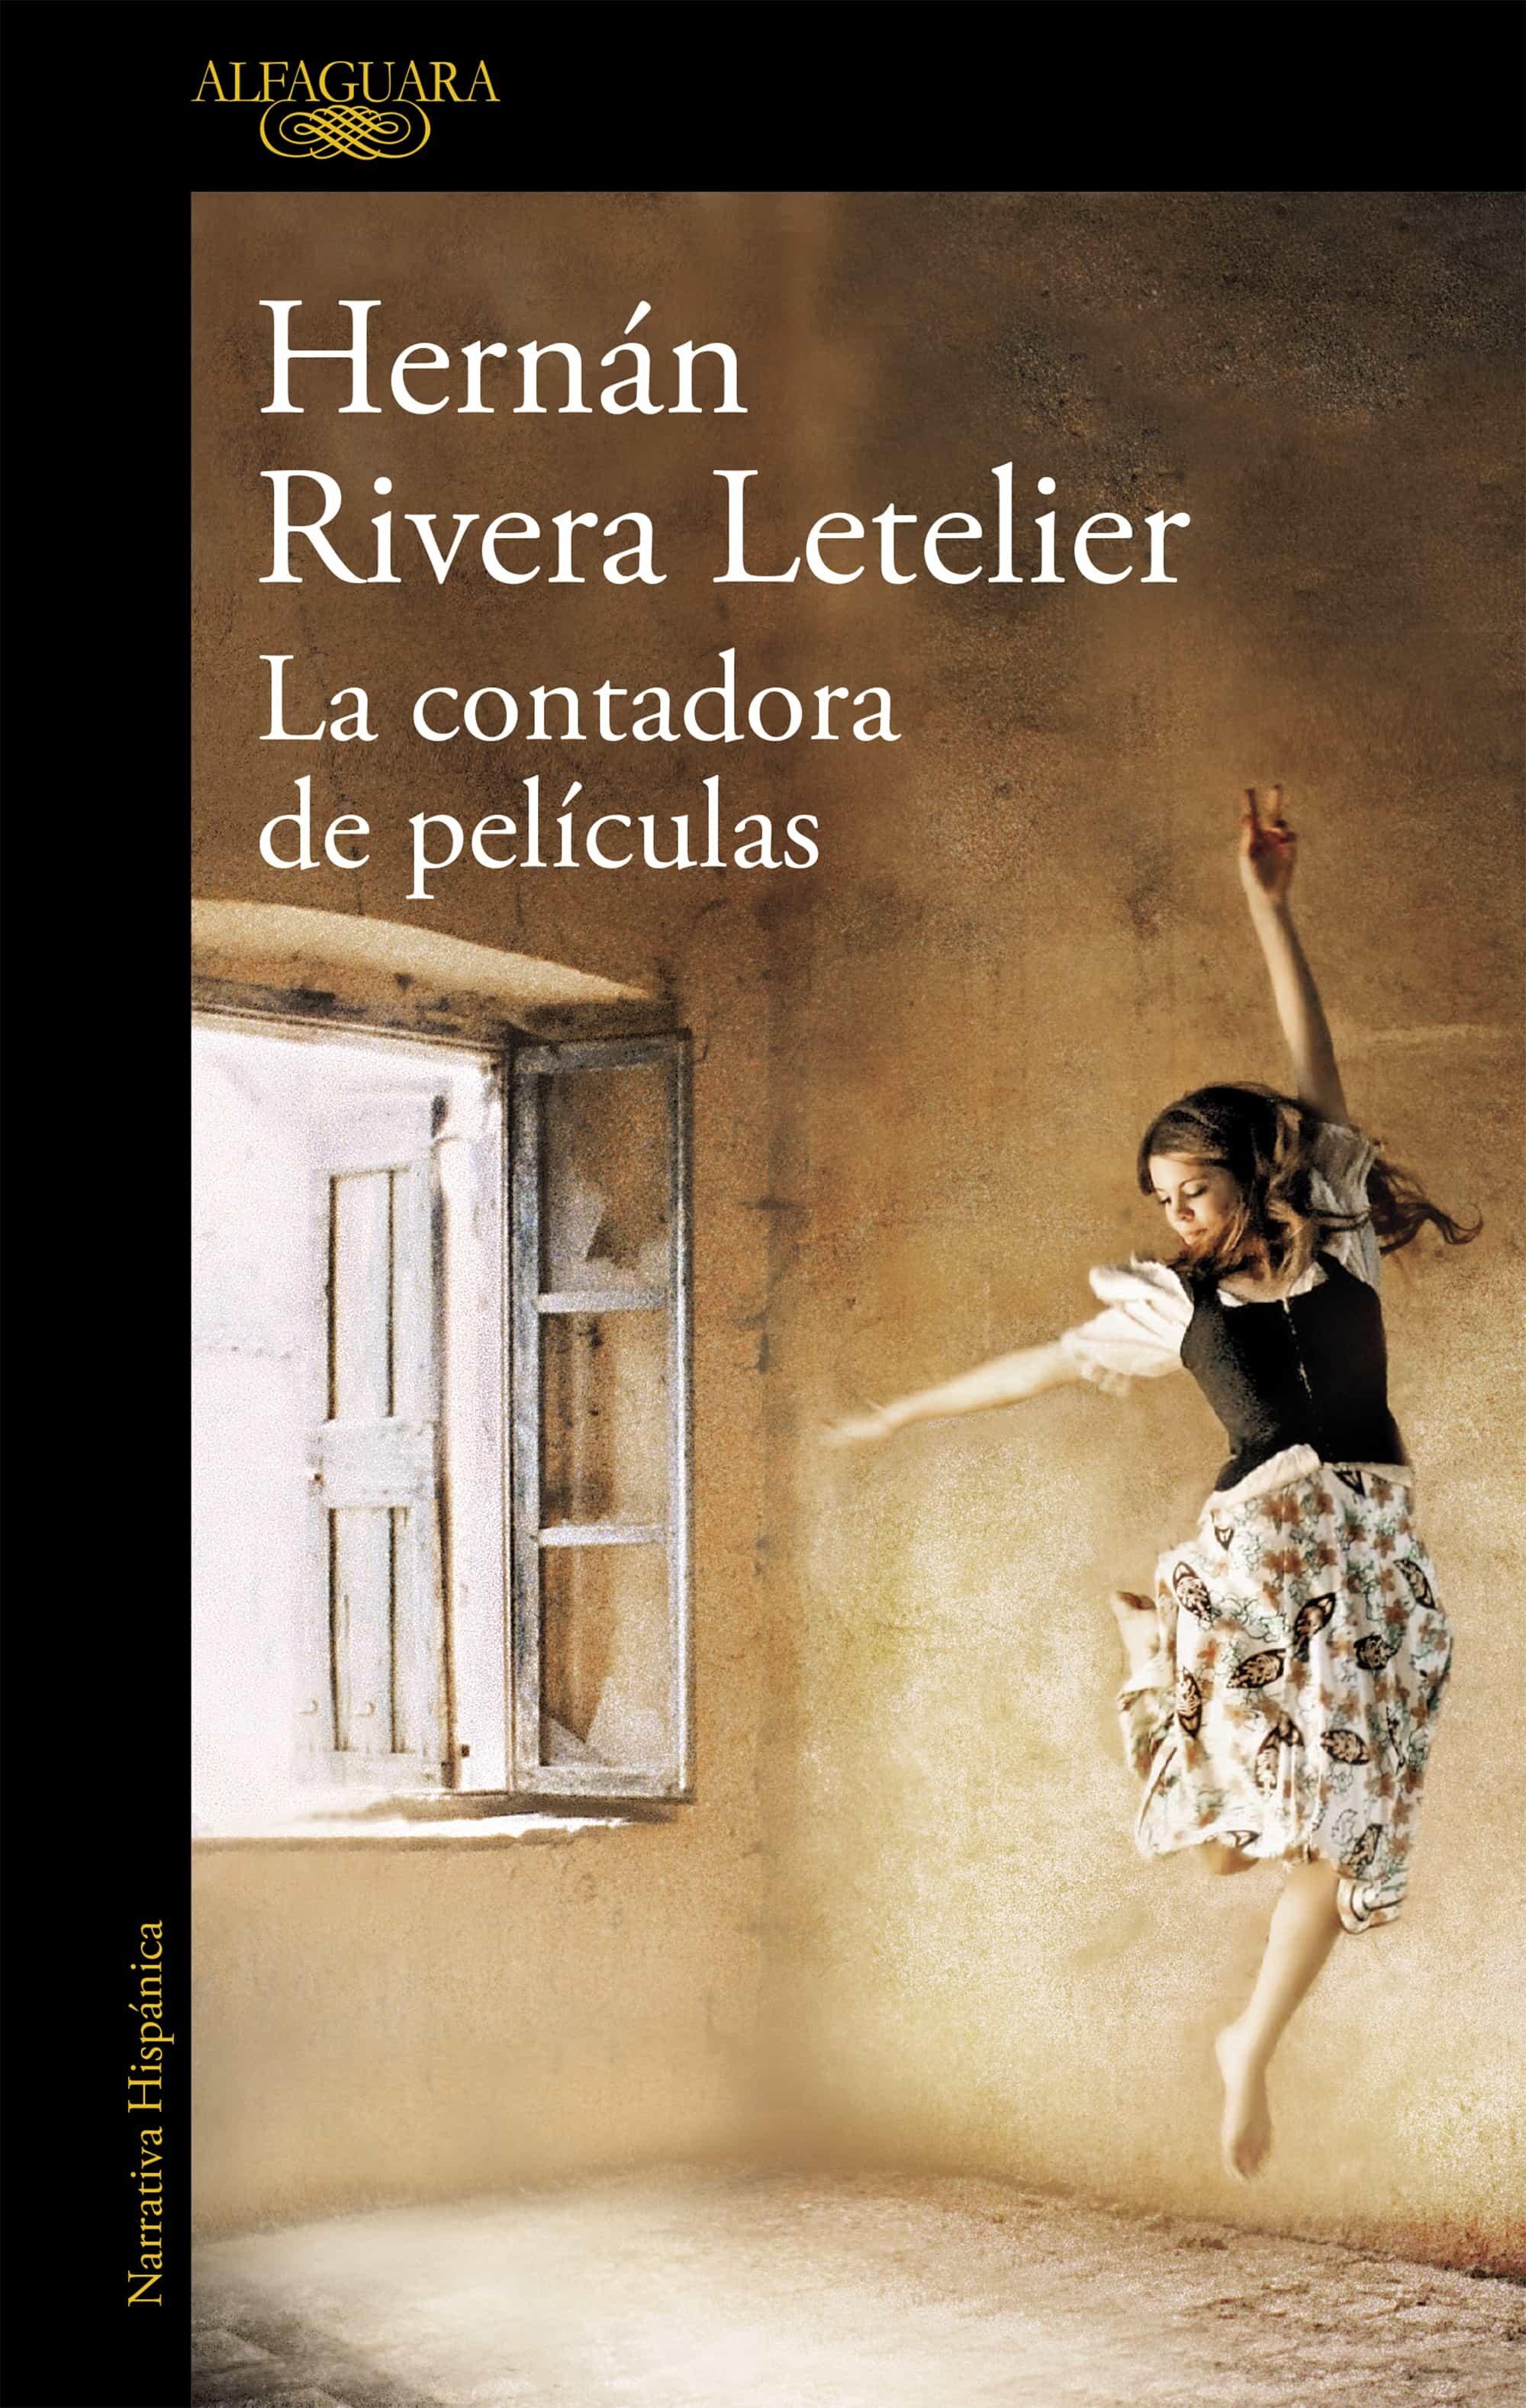 La Contadora De Peliculas por Hernan Rivera Letelier